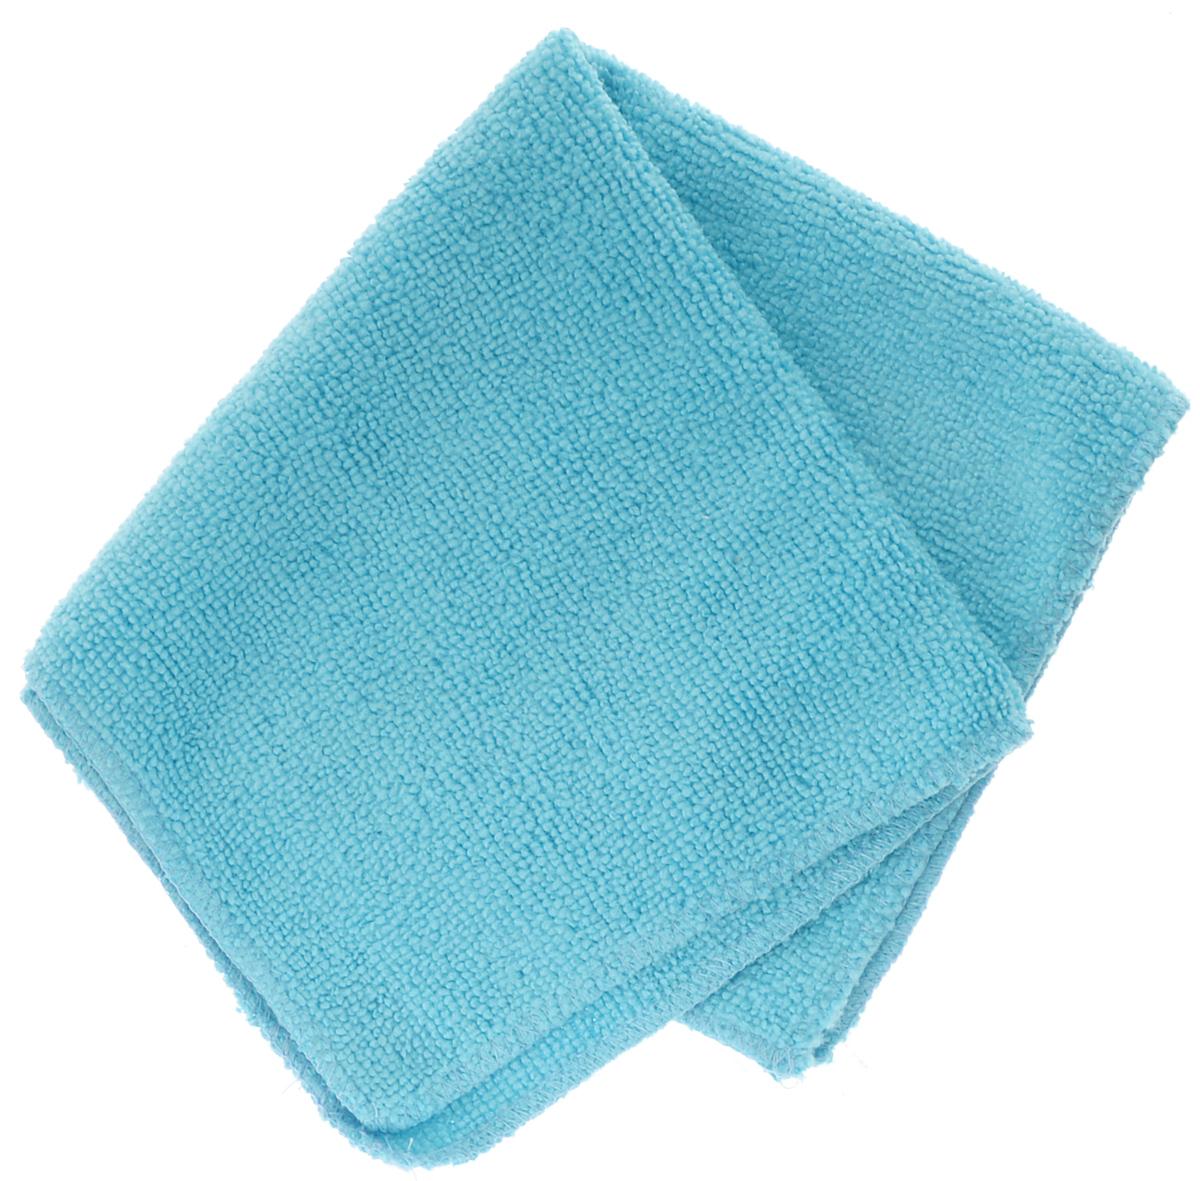 Салфетка автомобильная EvaAuto, универсальная , цвет: голубой, 30 х 30 смHG 5604 NУниверсальная автомобильная салфетка EvaAuto, выполненная из микрофибры, идеально подходит для уборки. В сухом виде применяется для вытирания пыли и легких загрязнений, во влажном - для удаления загрязнений с любых поверхностей без применения моющих средств. Не оставляет разводов и ворсинок, полностью впитывает влагу. Сохраняет эффект даже после многократных стирок. Размер салфетки: 30 см х 30 см.